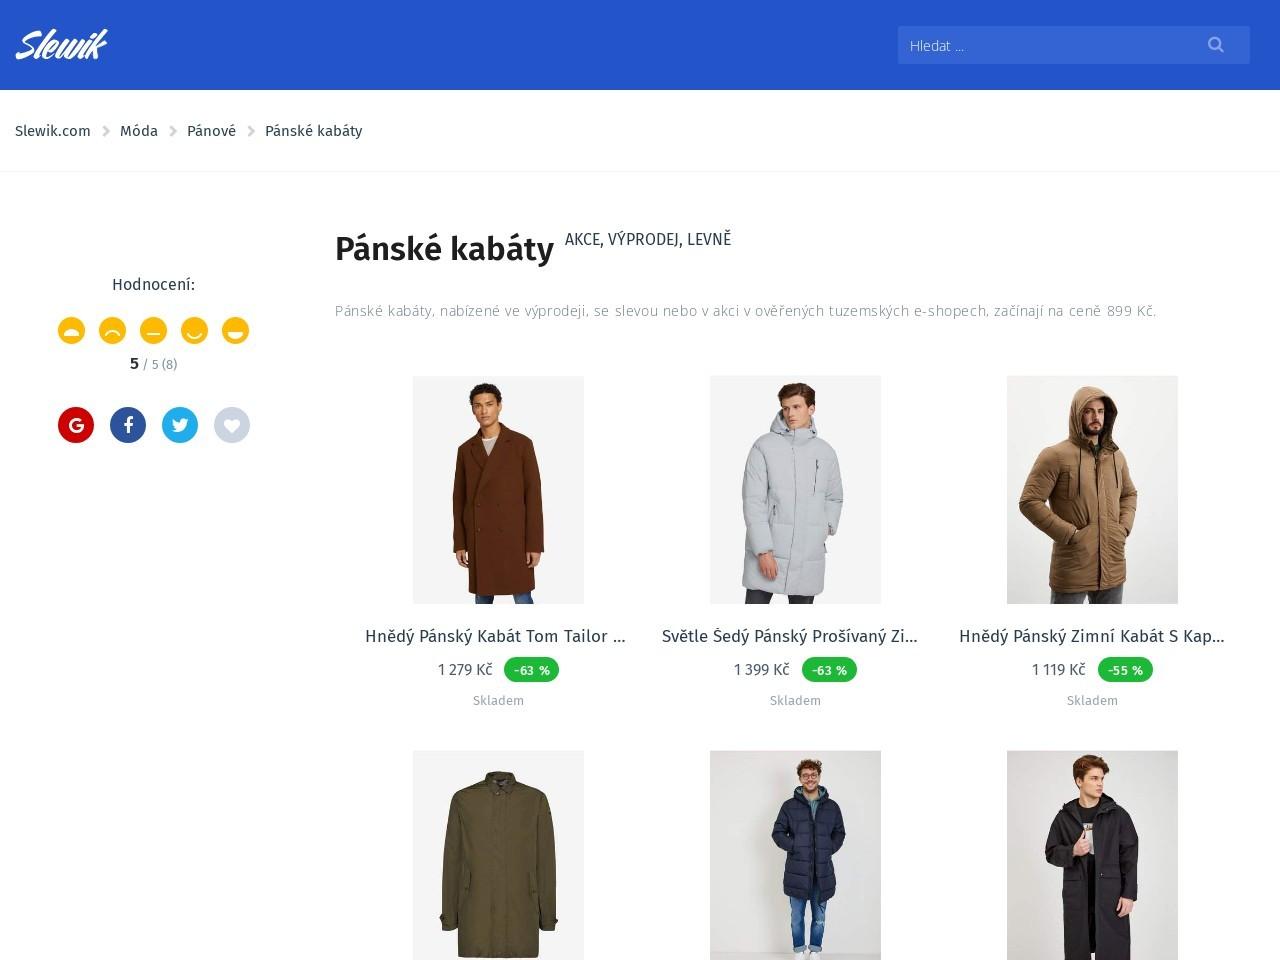 Pánské kabáty (Zdroj: Wordpress.com)